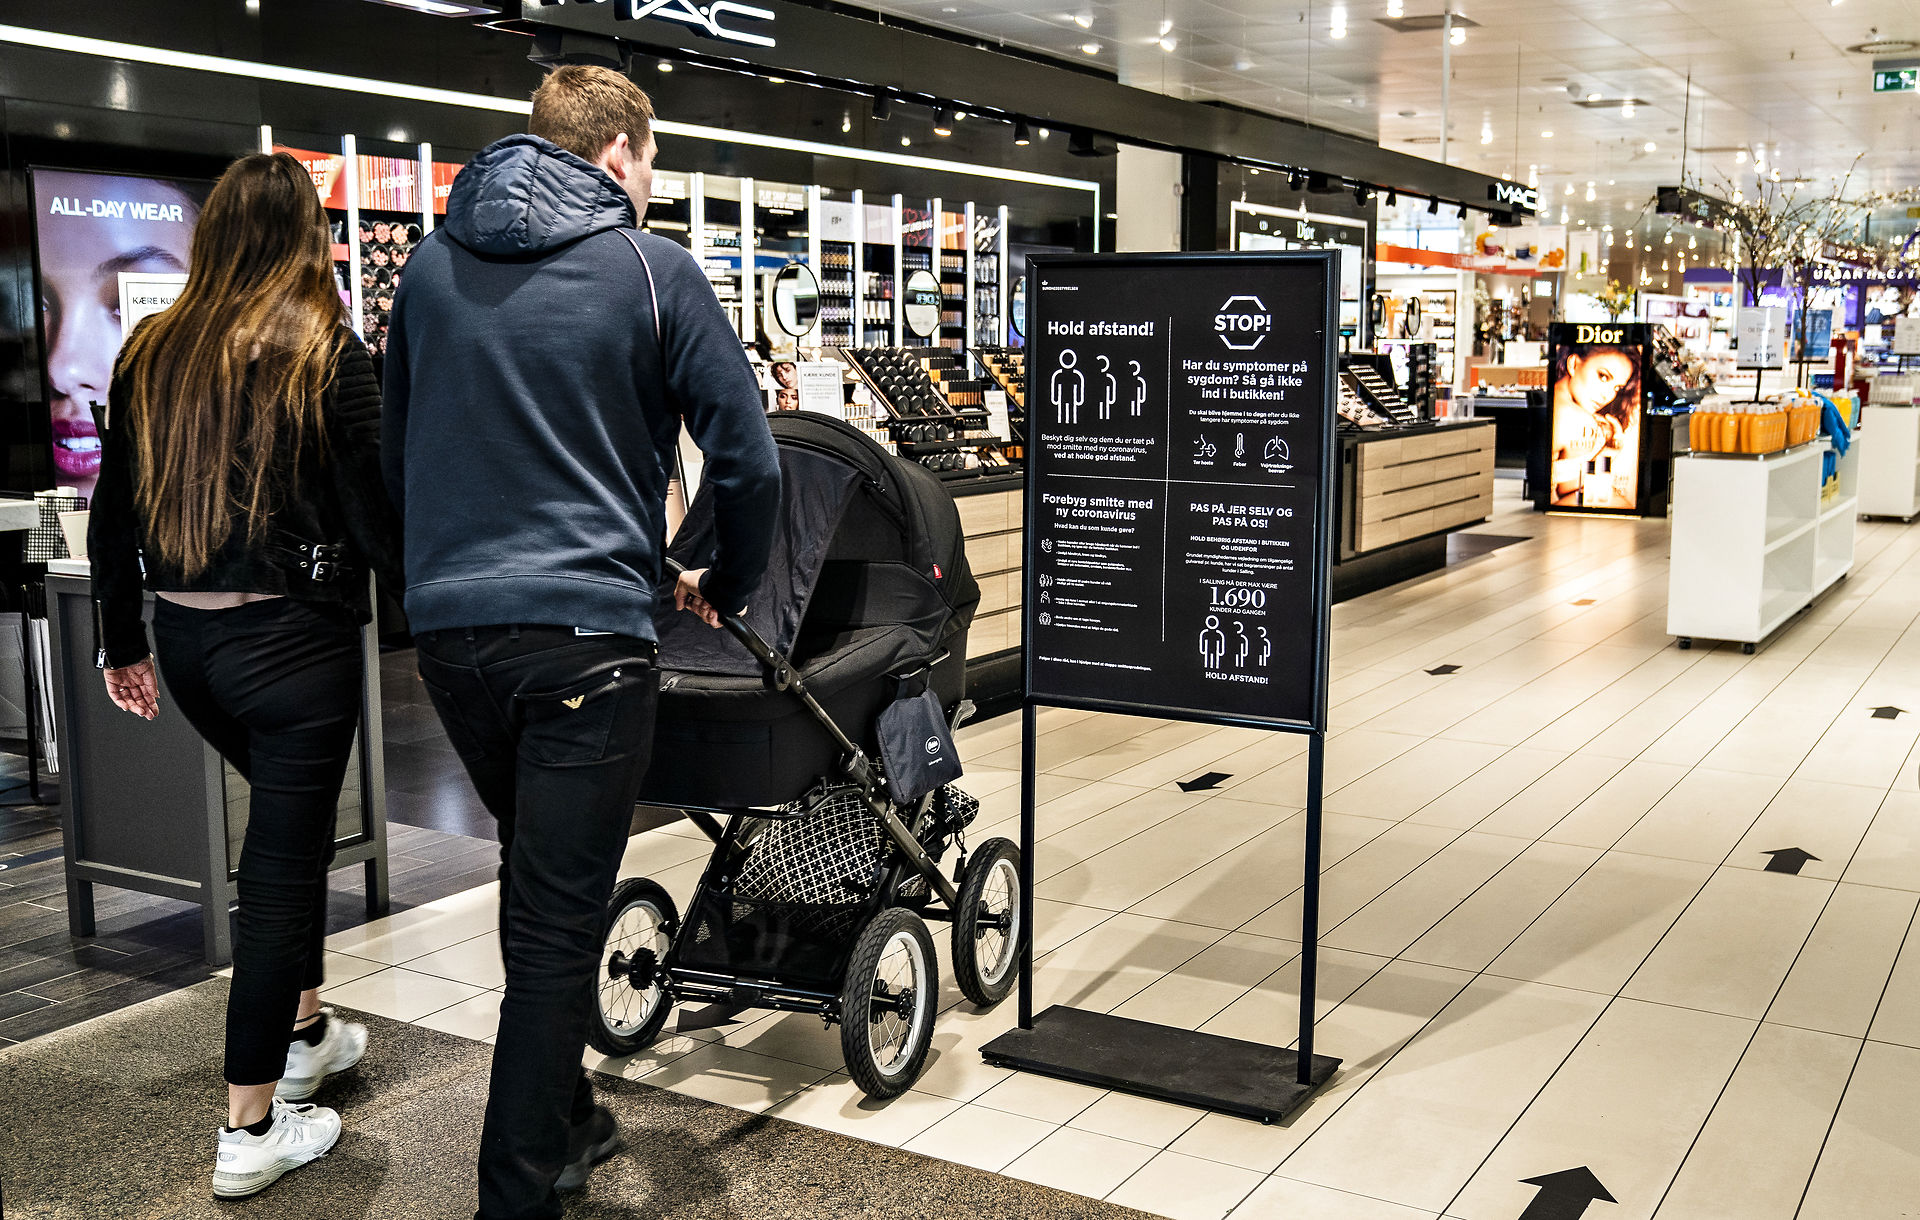 5 ud af 10 forbrugere: Ordentlige arbejdsforhold vigtigt for indkøb